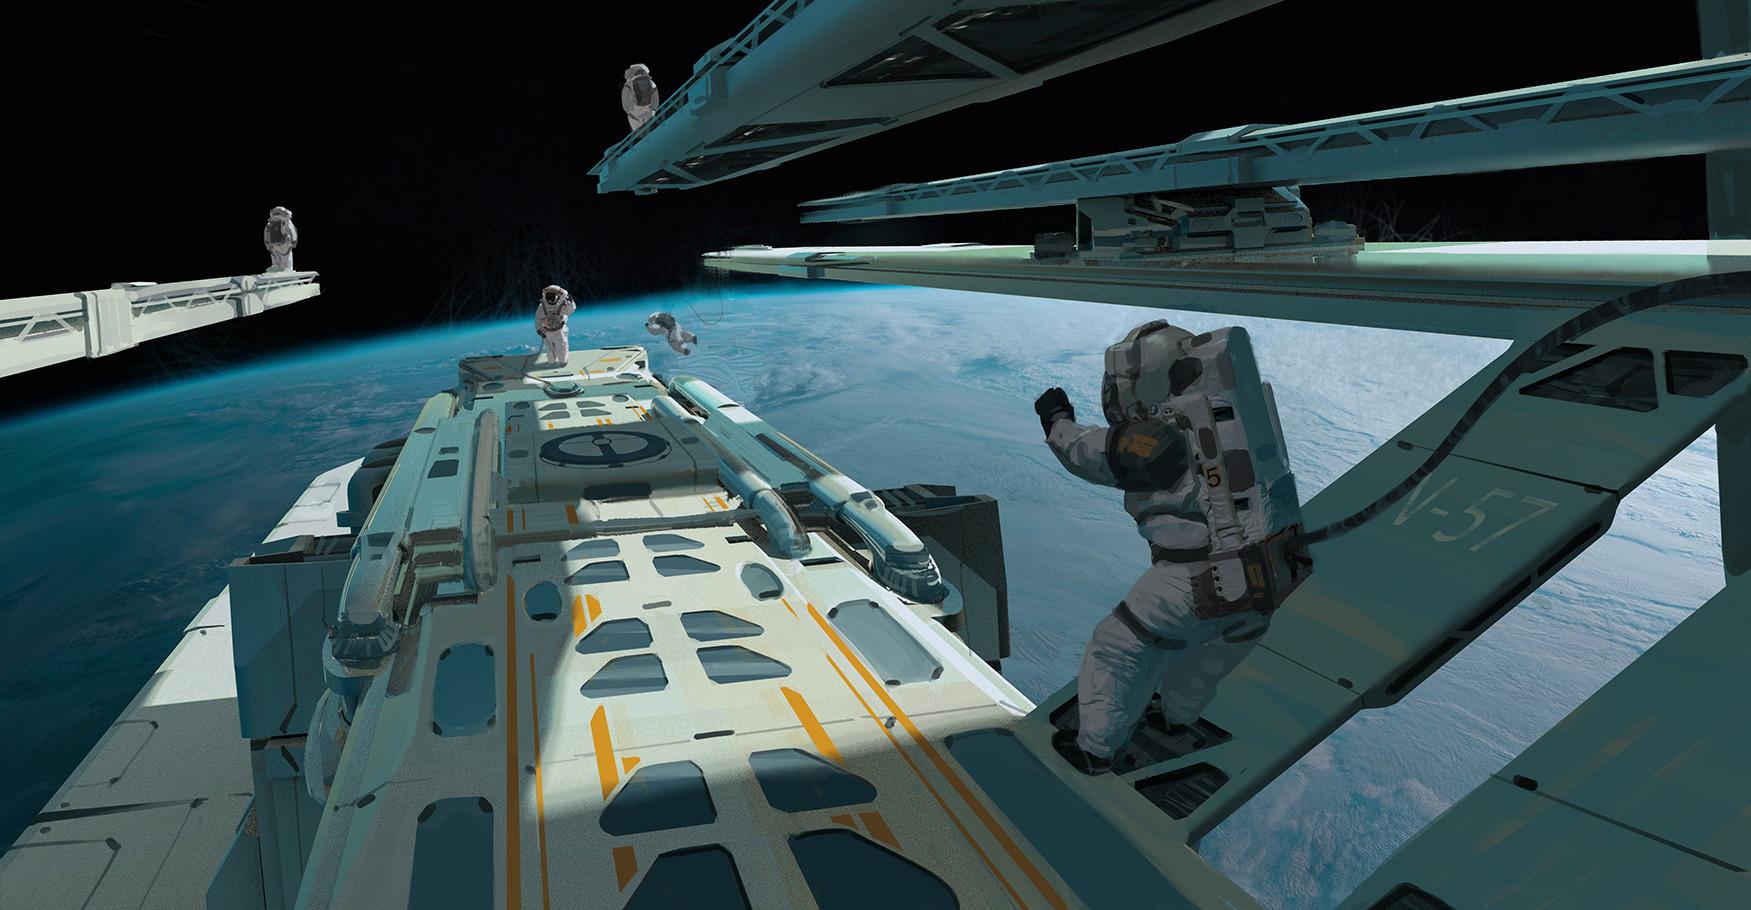 Jad saber space diving